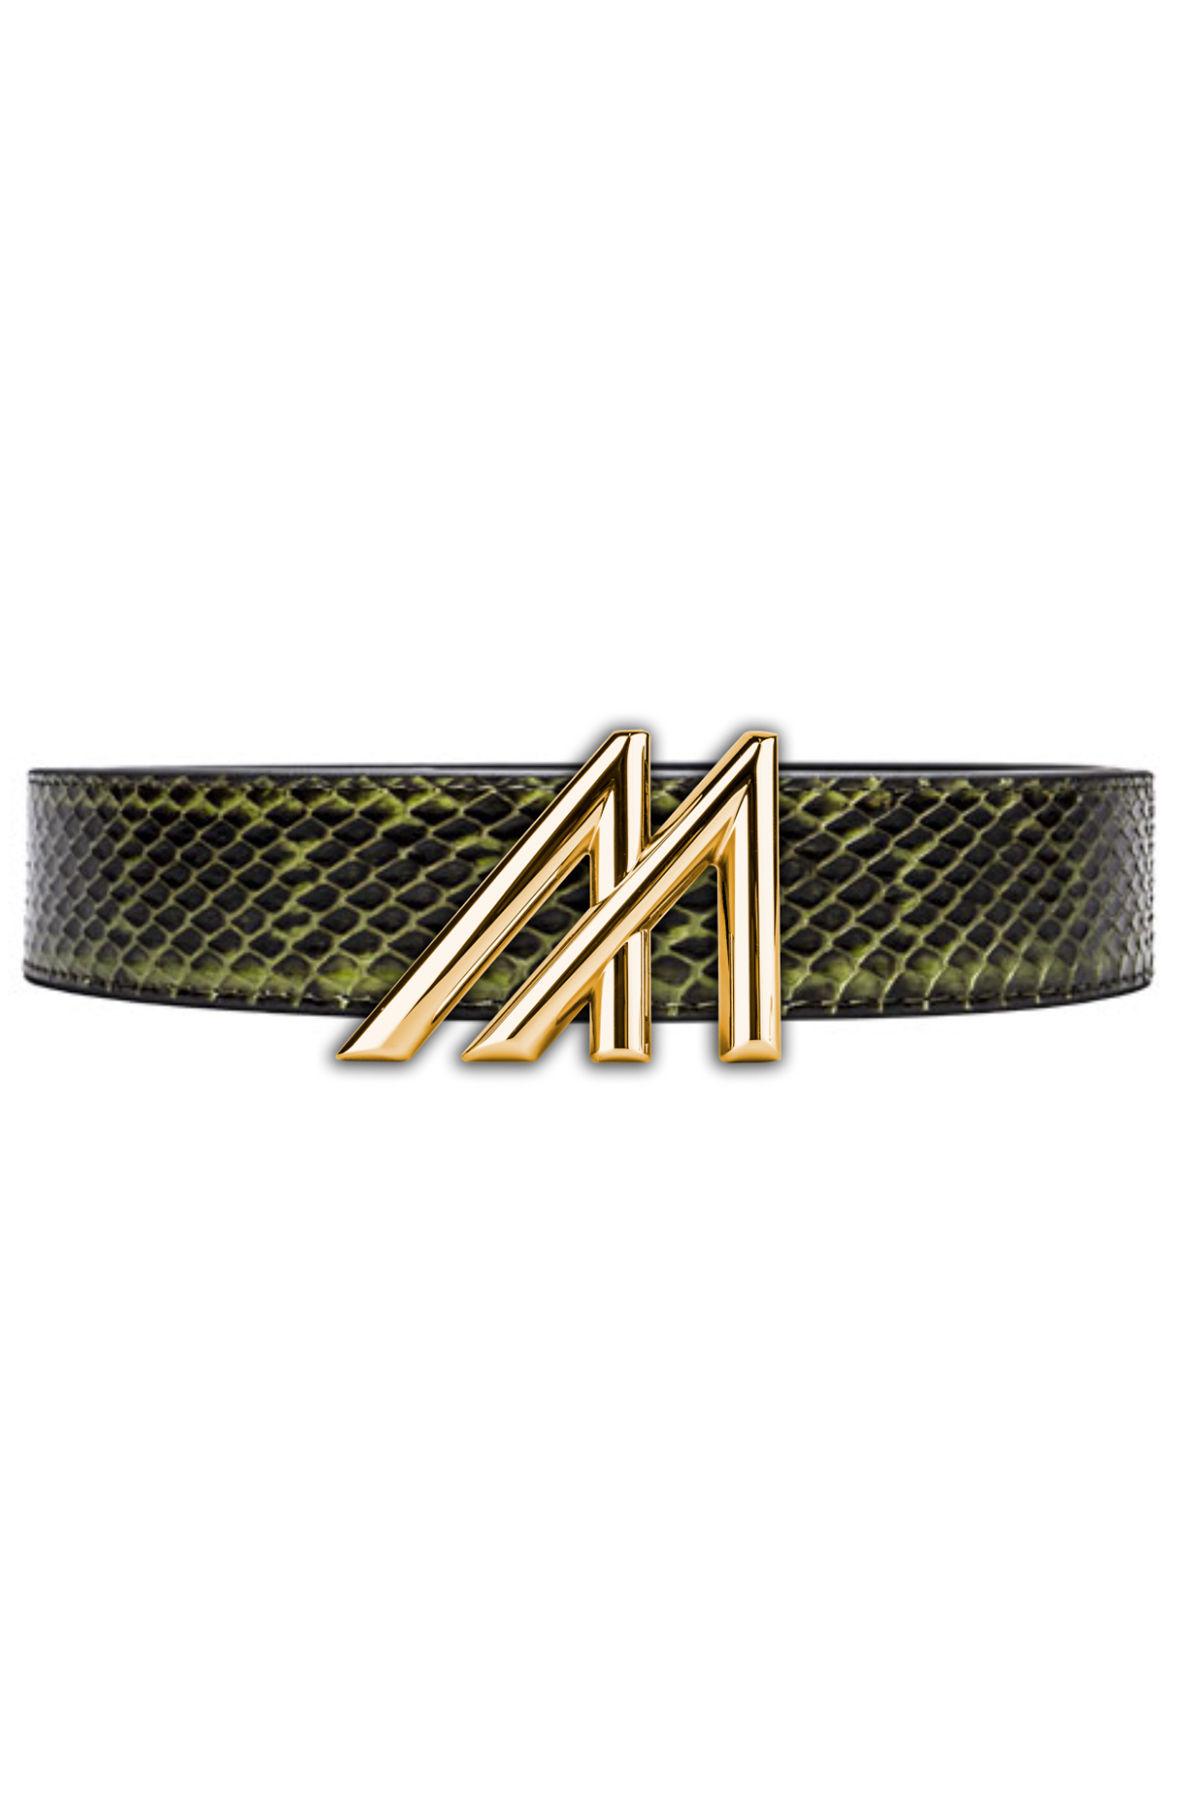 Mint Olive King Cobra Belt - Olive M